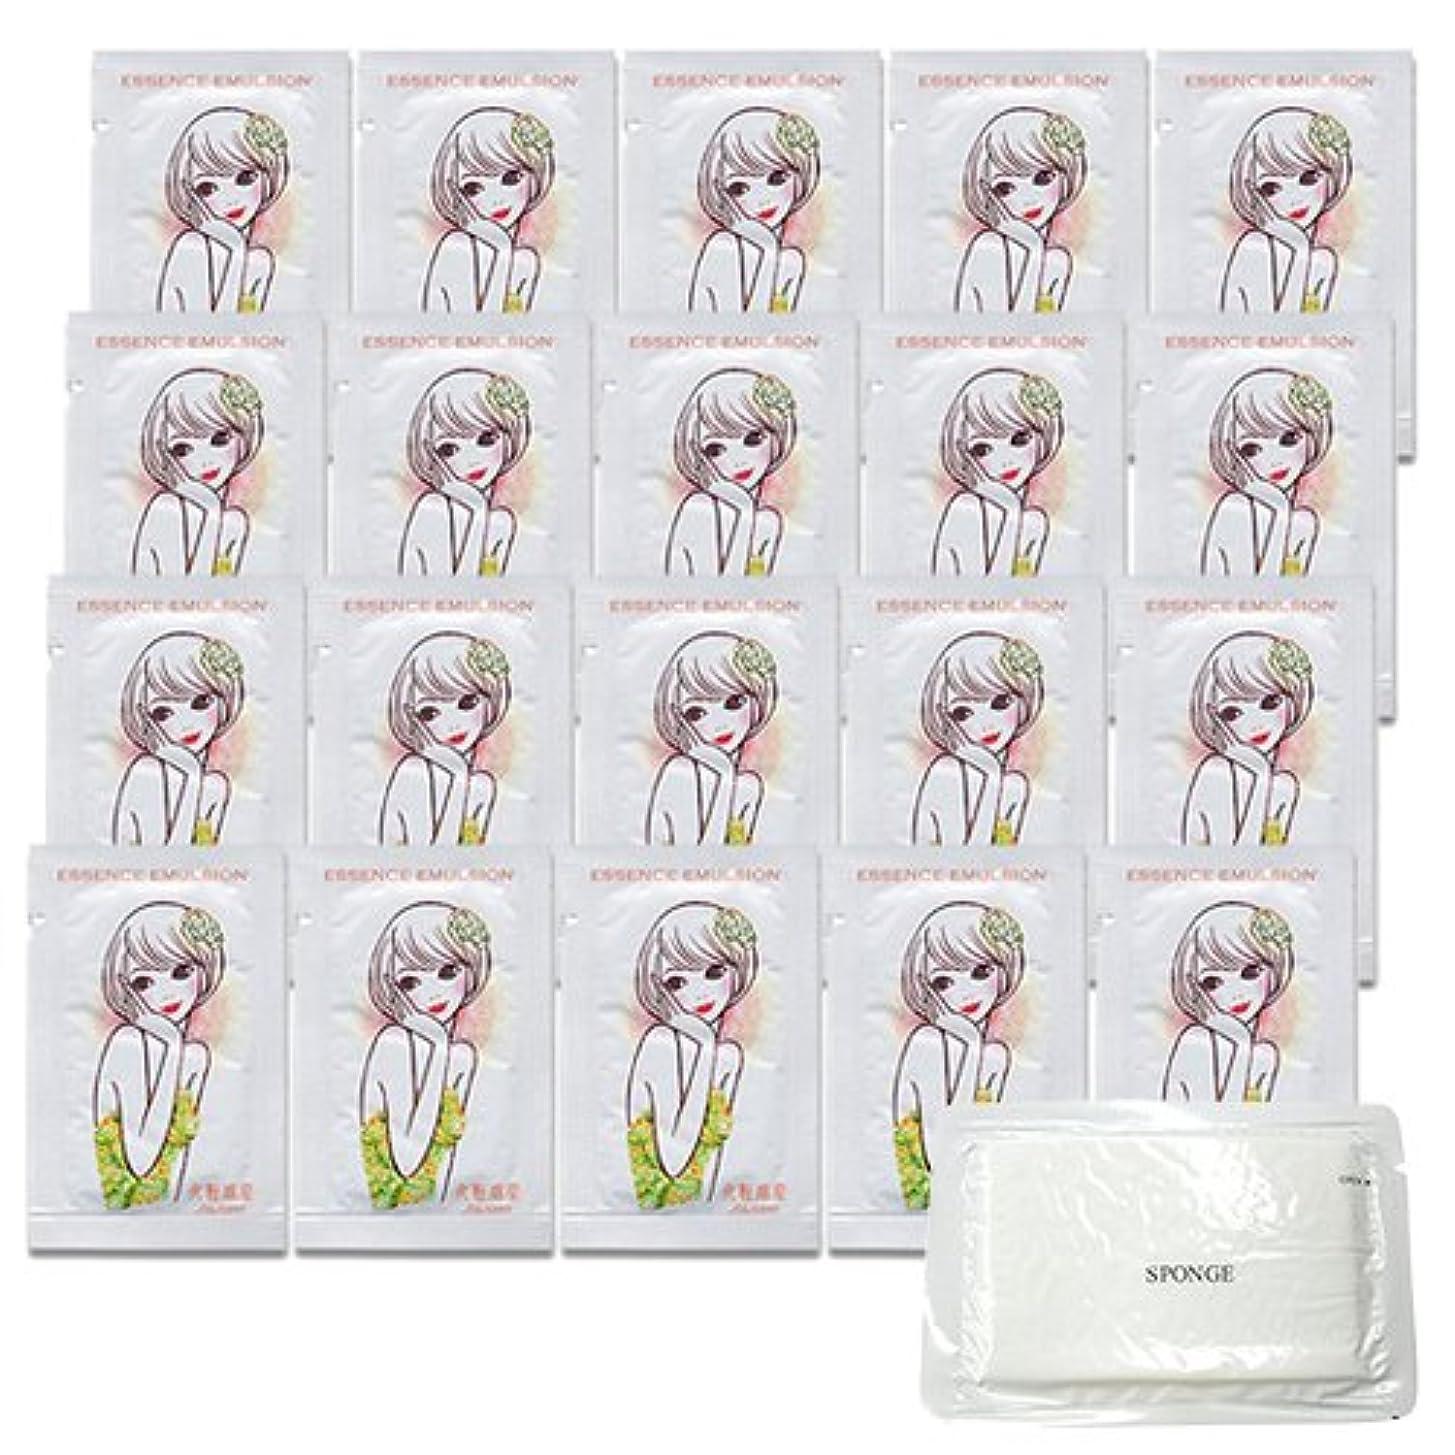 邪魔寛容な浴室資生堂 化粧惑星 エッセンスエマルジョン(乳液)パウチ 1.5ml × 20個 + 圧縮スポンジセット